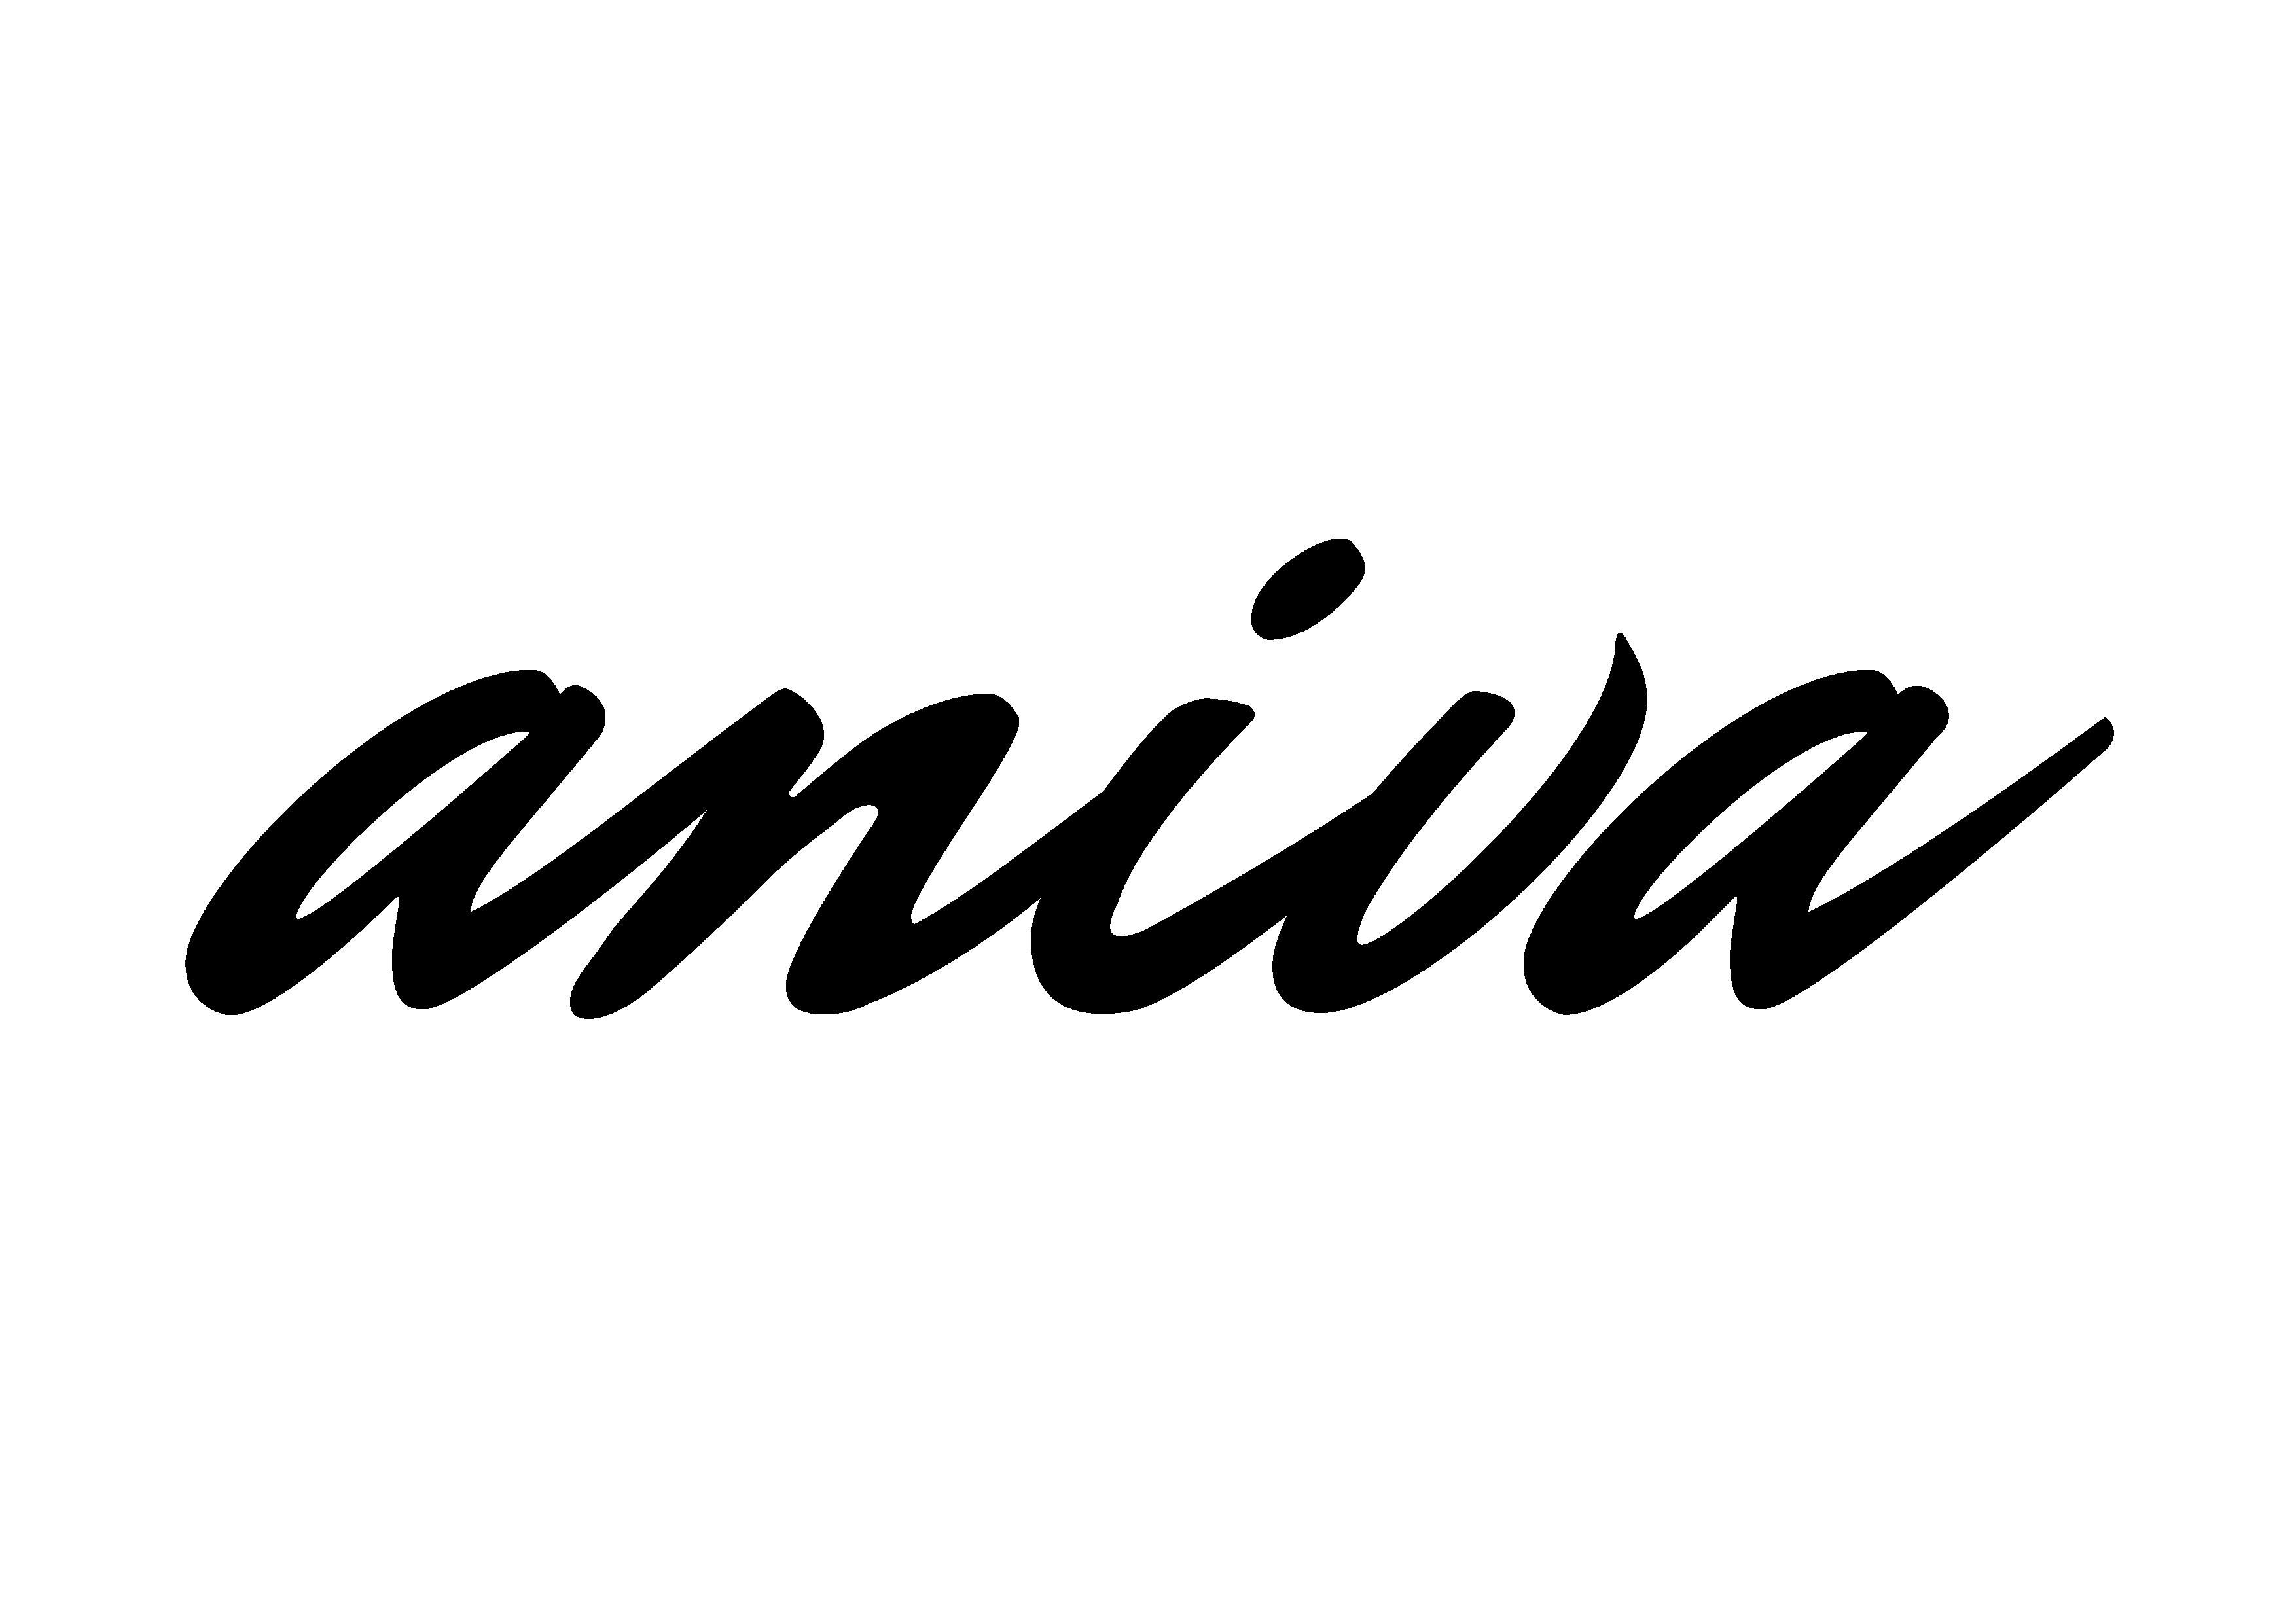 ANİVA EV ÜRÜNLERİ METAL SANAYİ VE TİCARET LİMİTED ŞİRKETİ, Aniva (Ev Ürünleri)